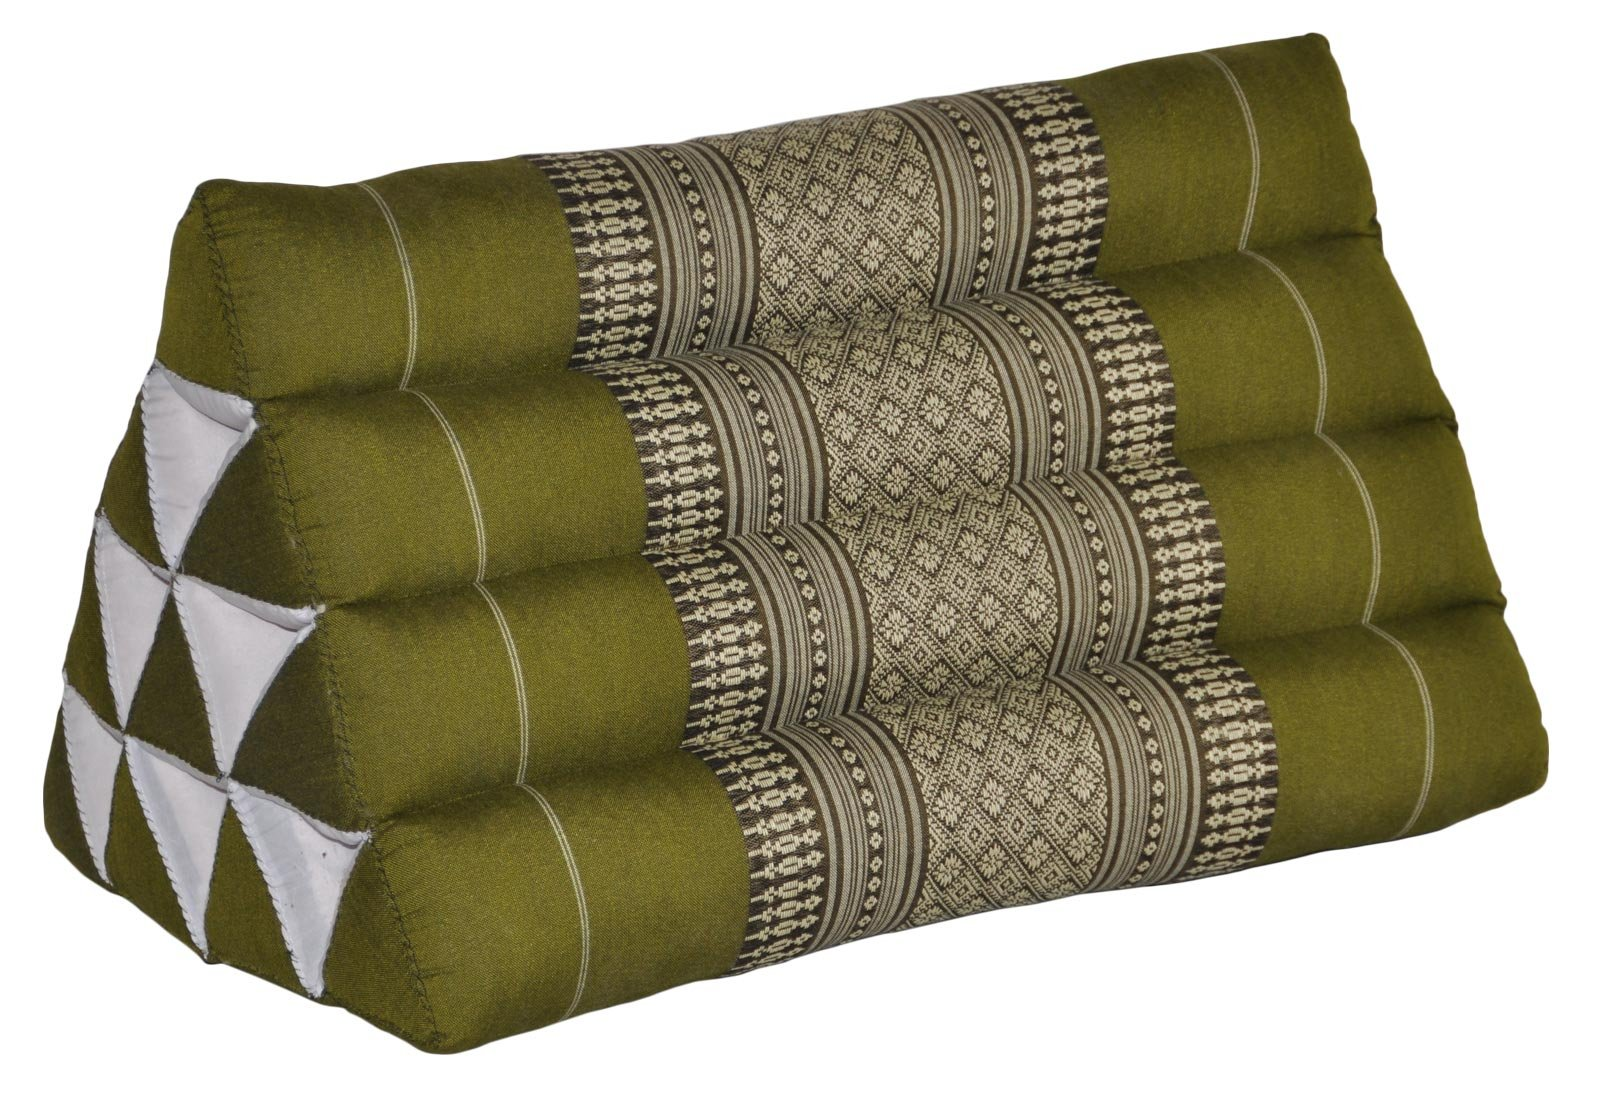 Thai triangular cushion, green, relaxation, beach, kapok, made in Thailand. (81800) by Wilai GmbH